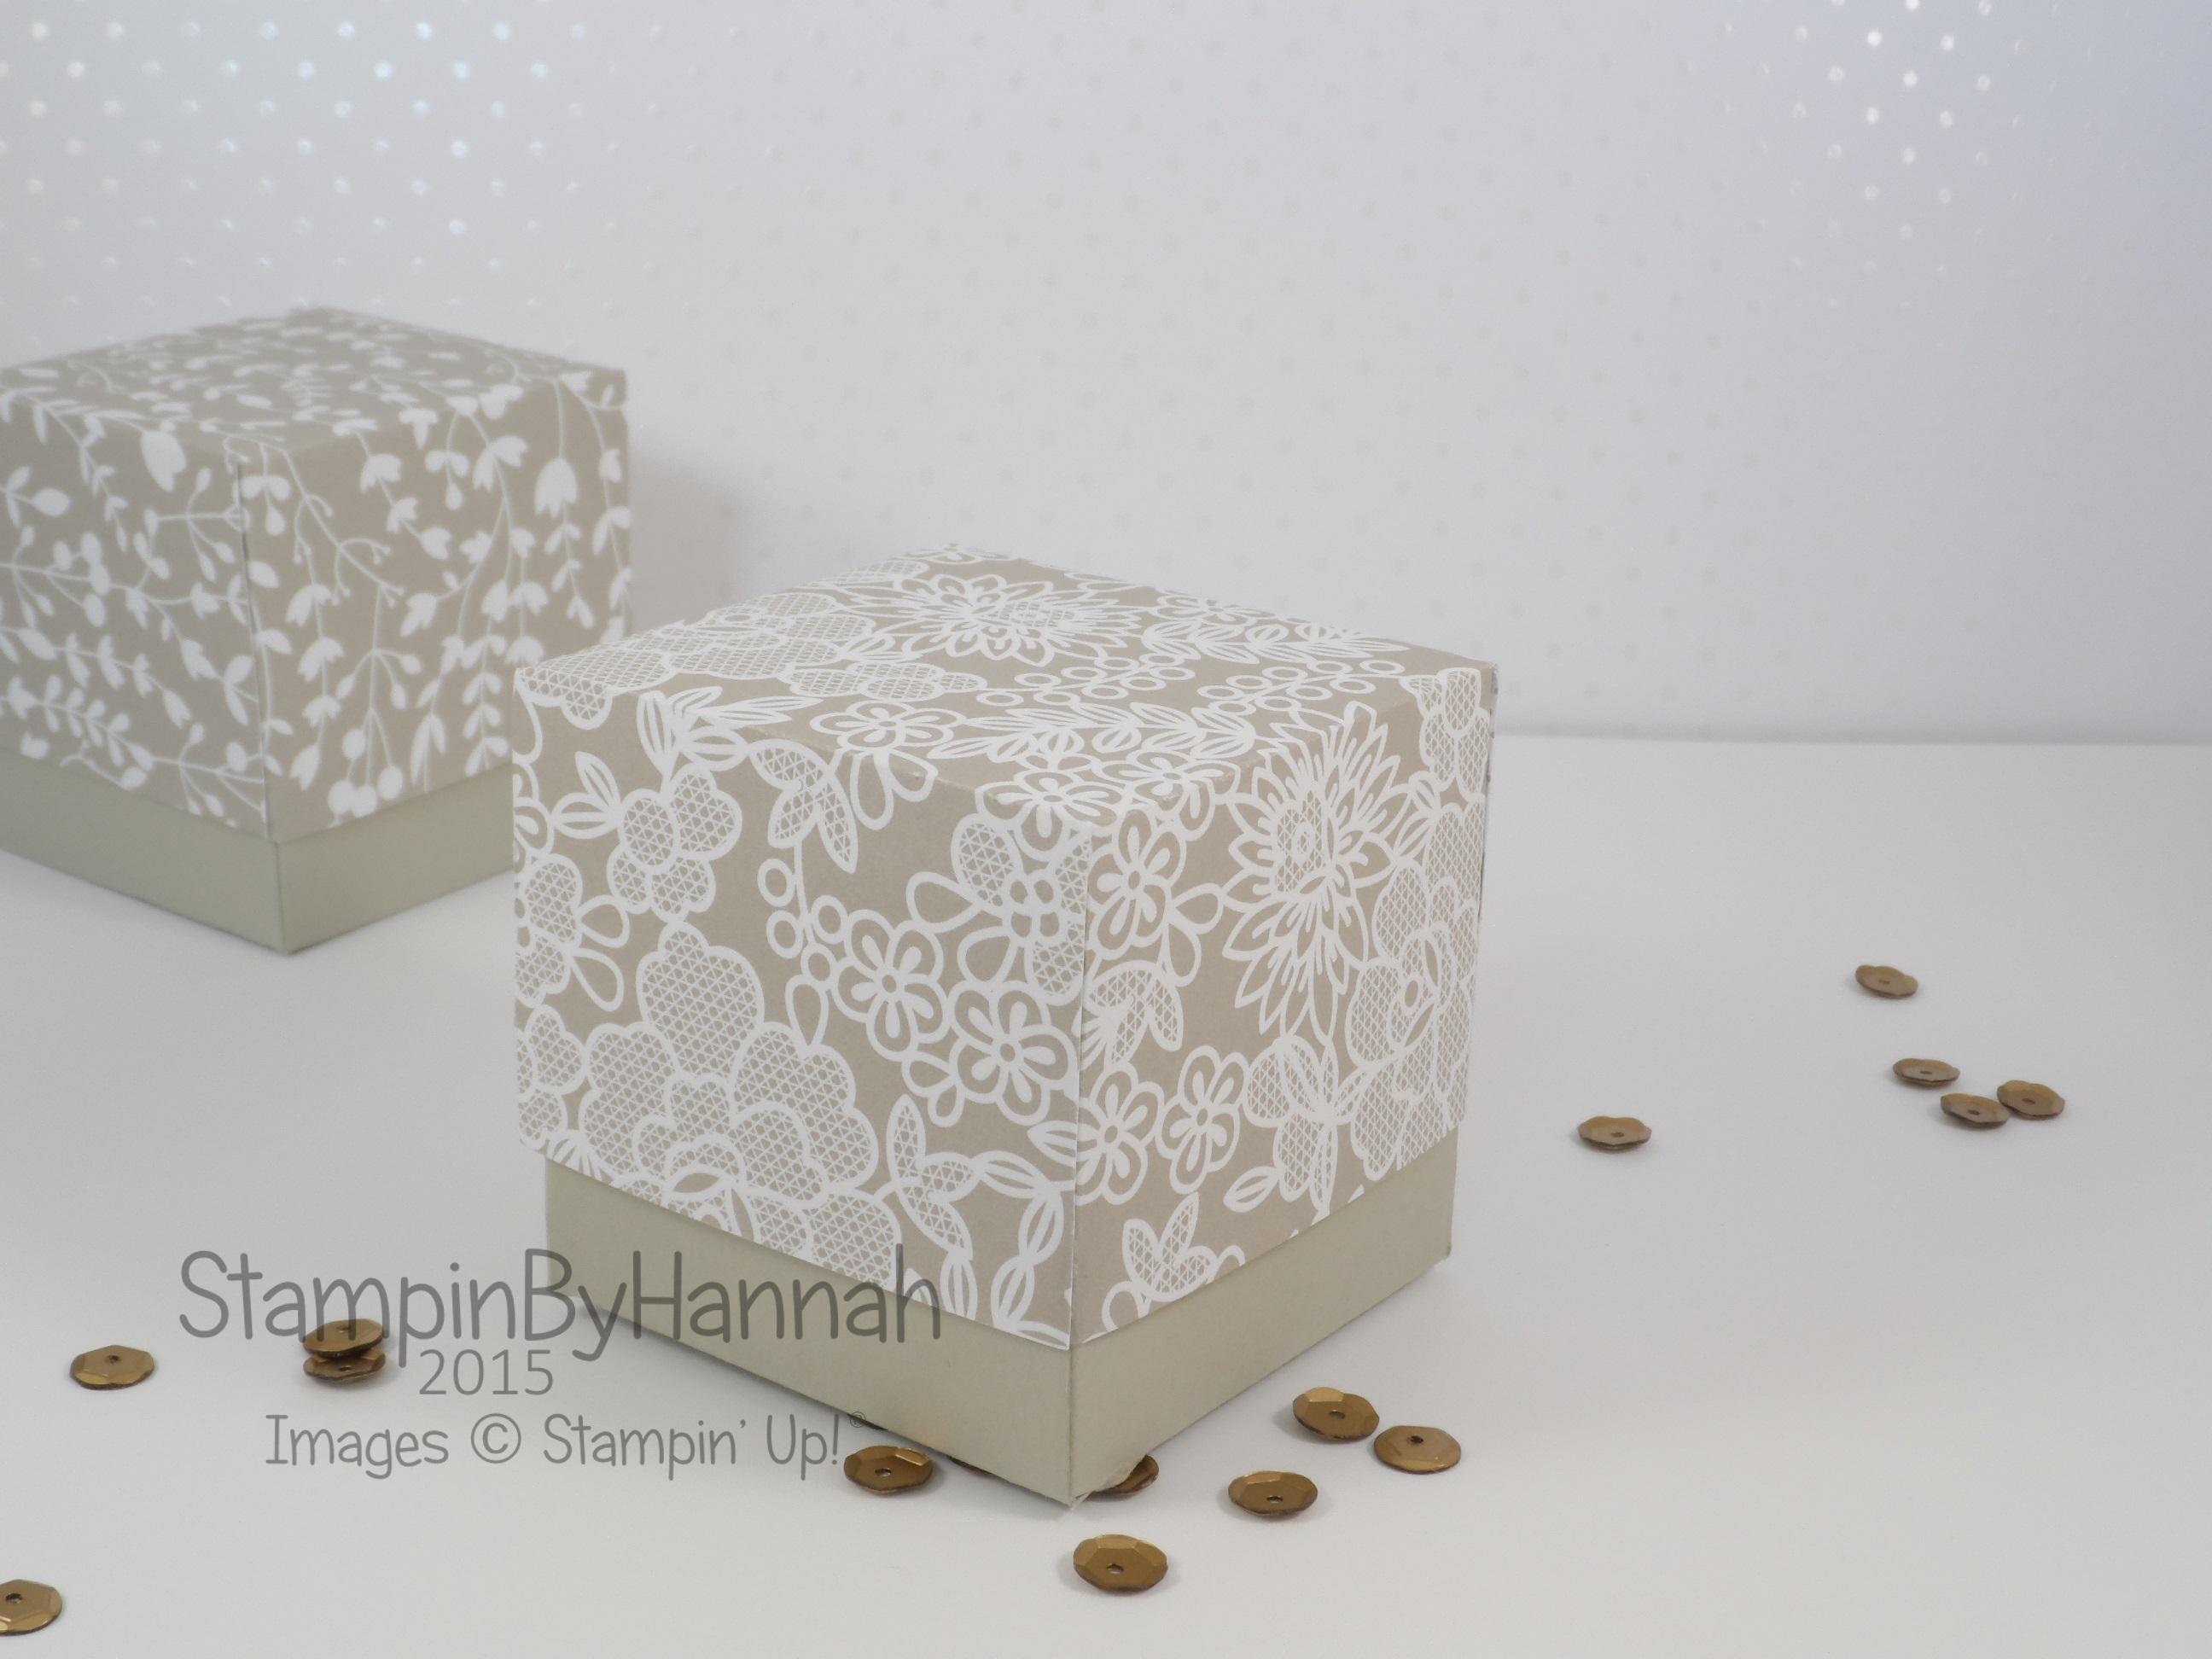 Erfreut Uk Wedding Favors Ideen - Brautkleider Ideen ...